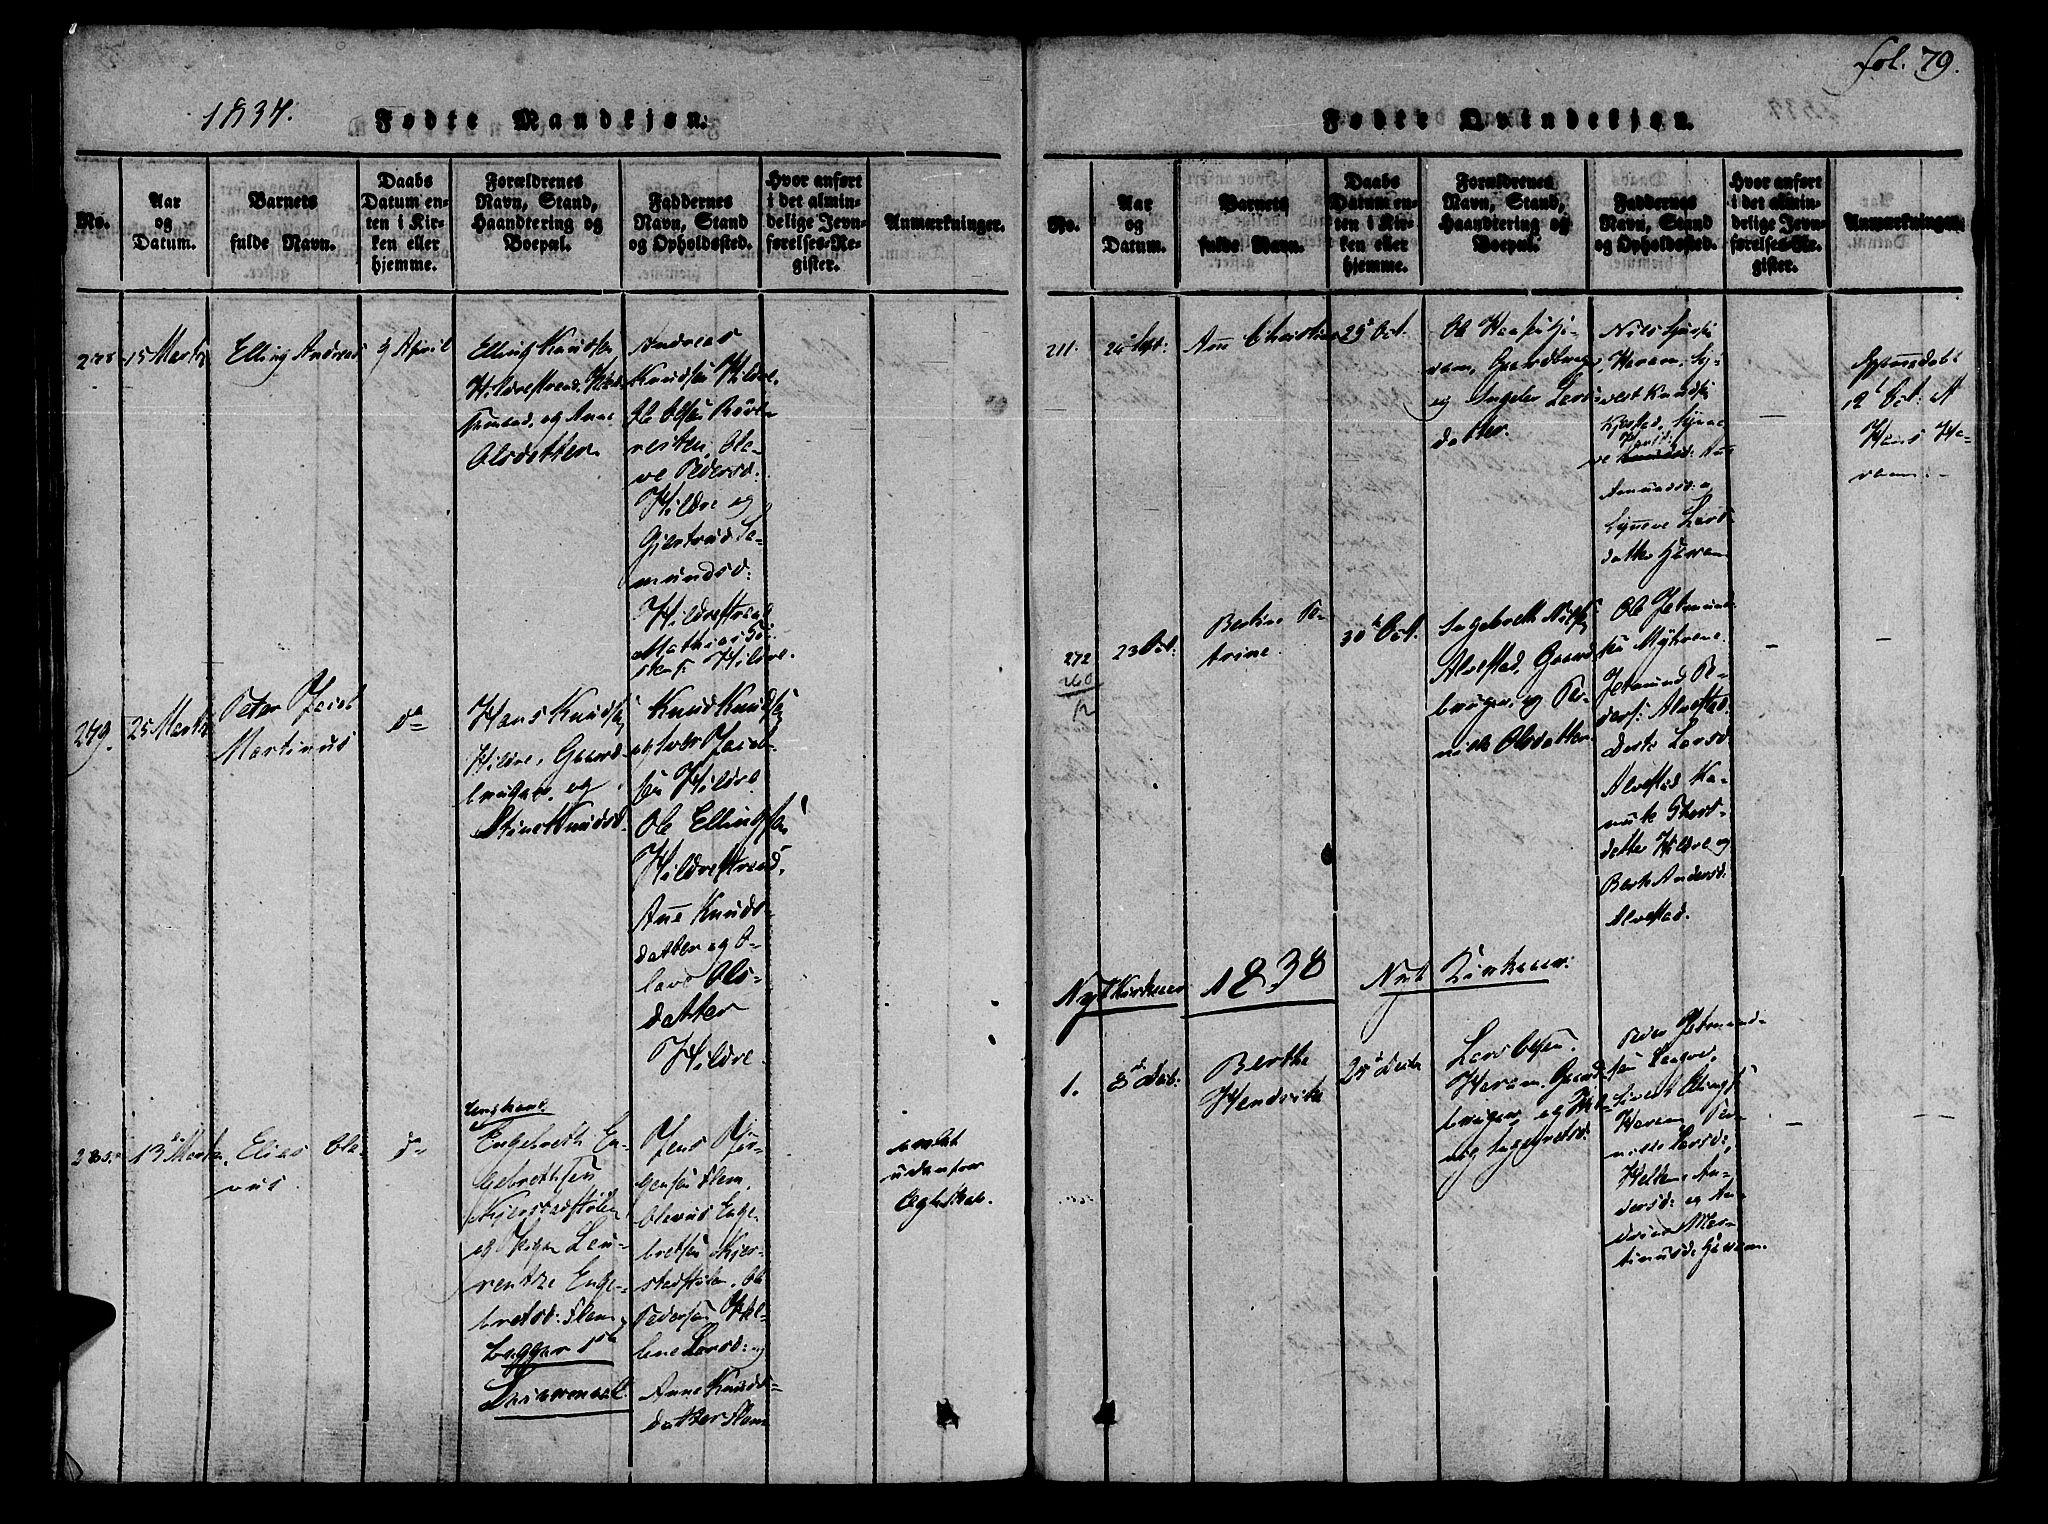 SAT, Ministerialprotokoller, klokkerbøker og fødselsregistre - Møre og Romsdal, 536/L0495: Ministerialbok nr. 536A04, 1818-1847, s. 79